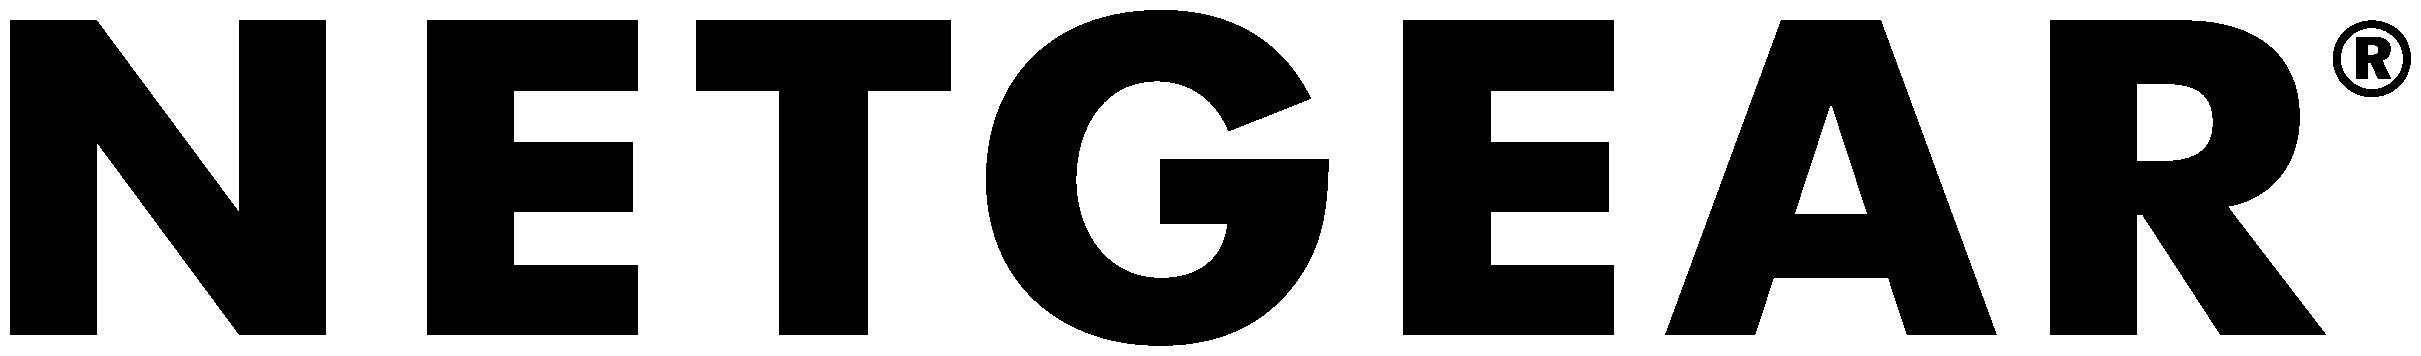 NG_Logotype_RGB_K.png